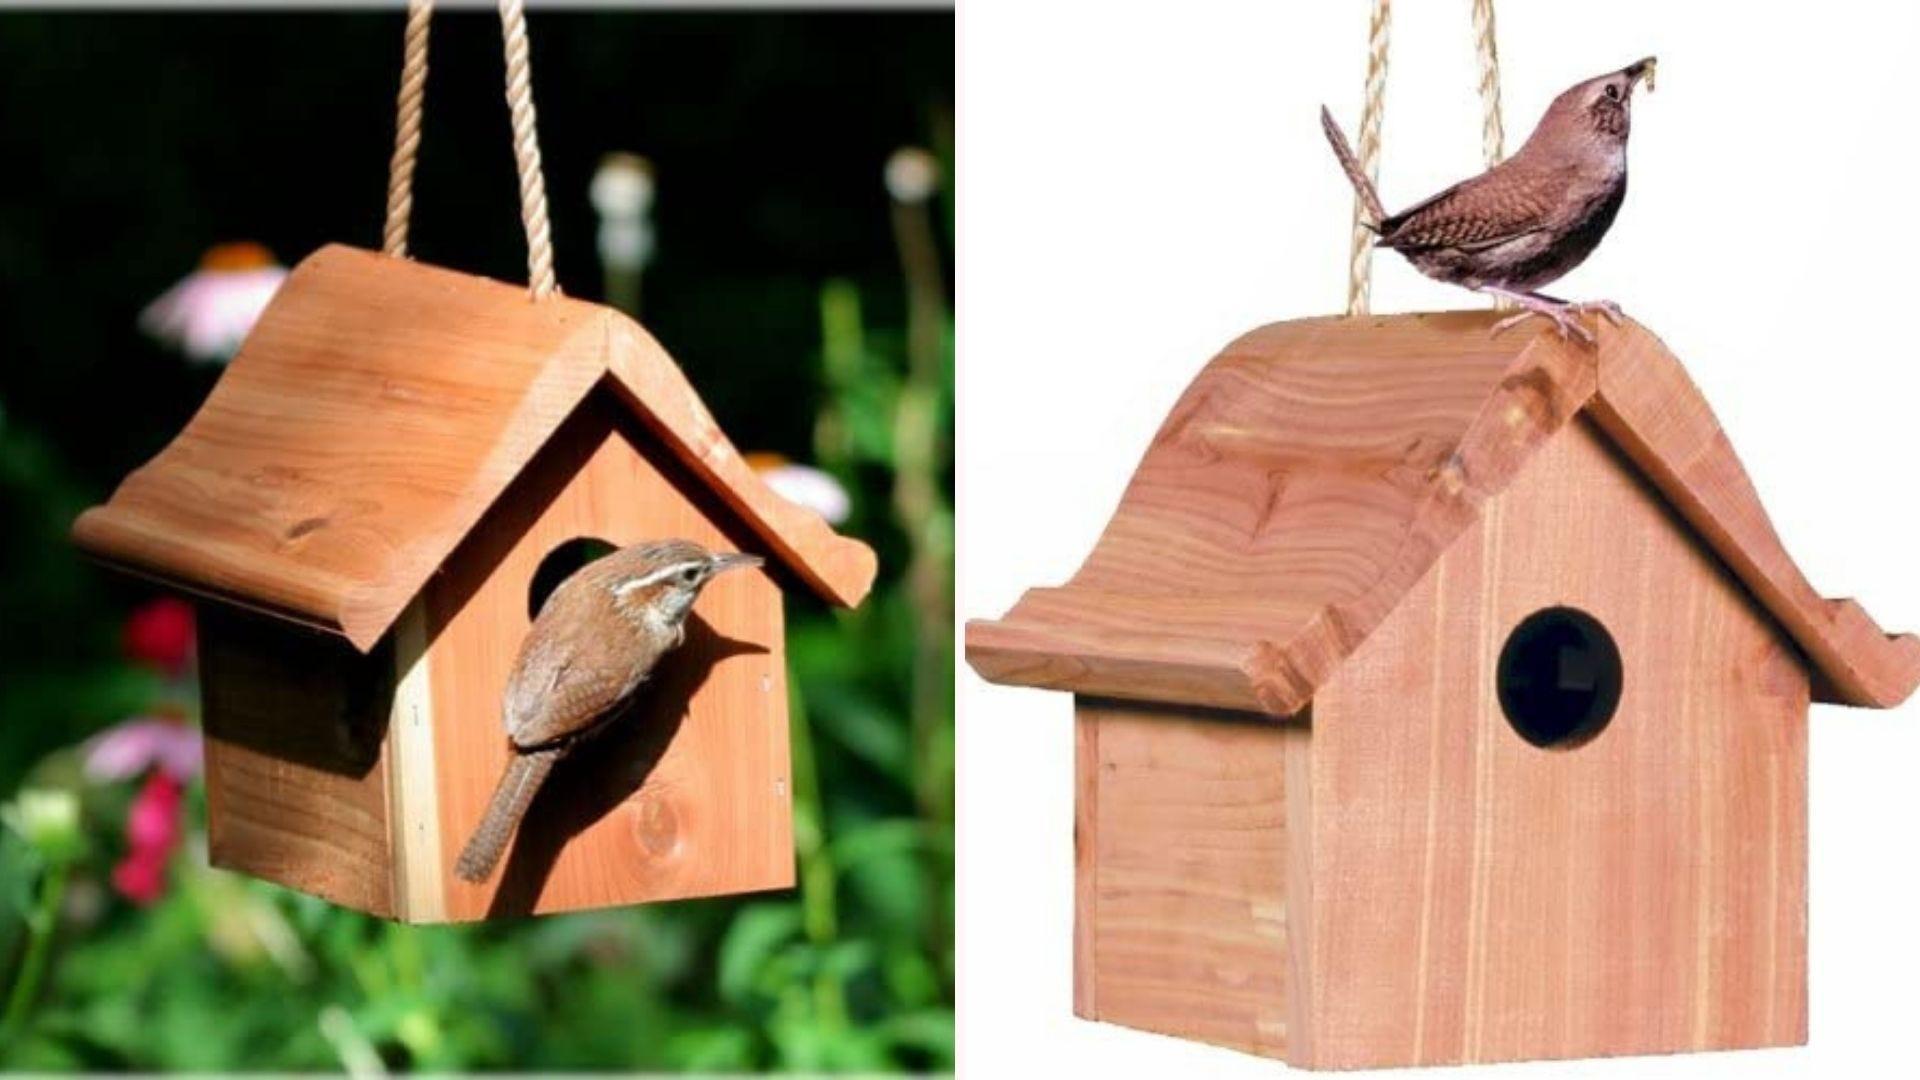 Bird checking out a cute wooden birdhouse.